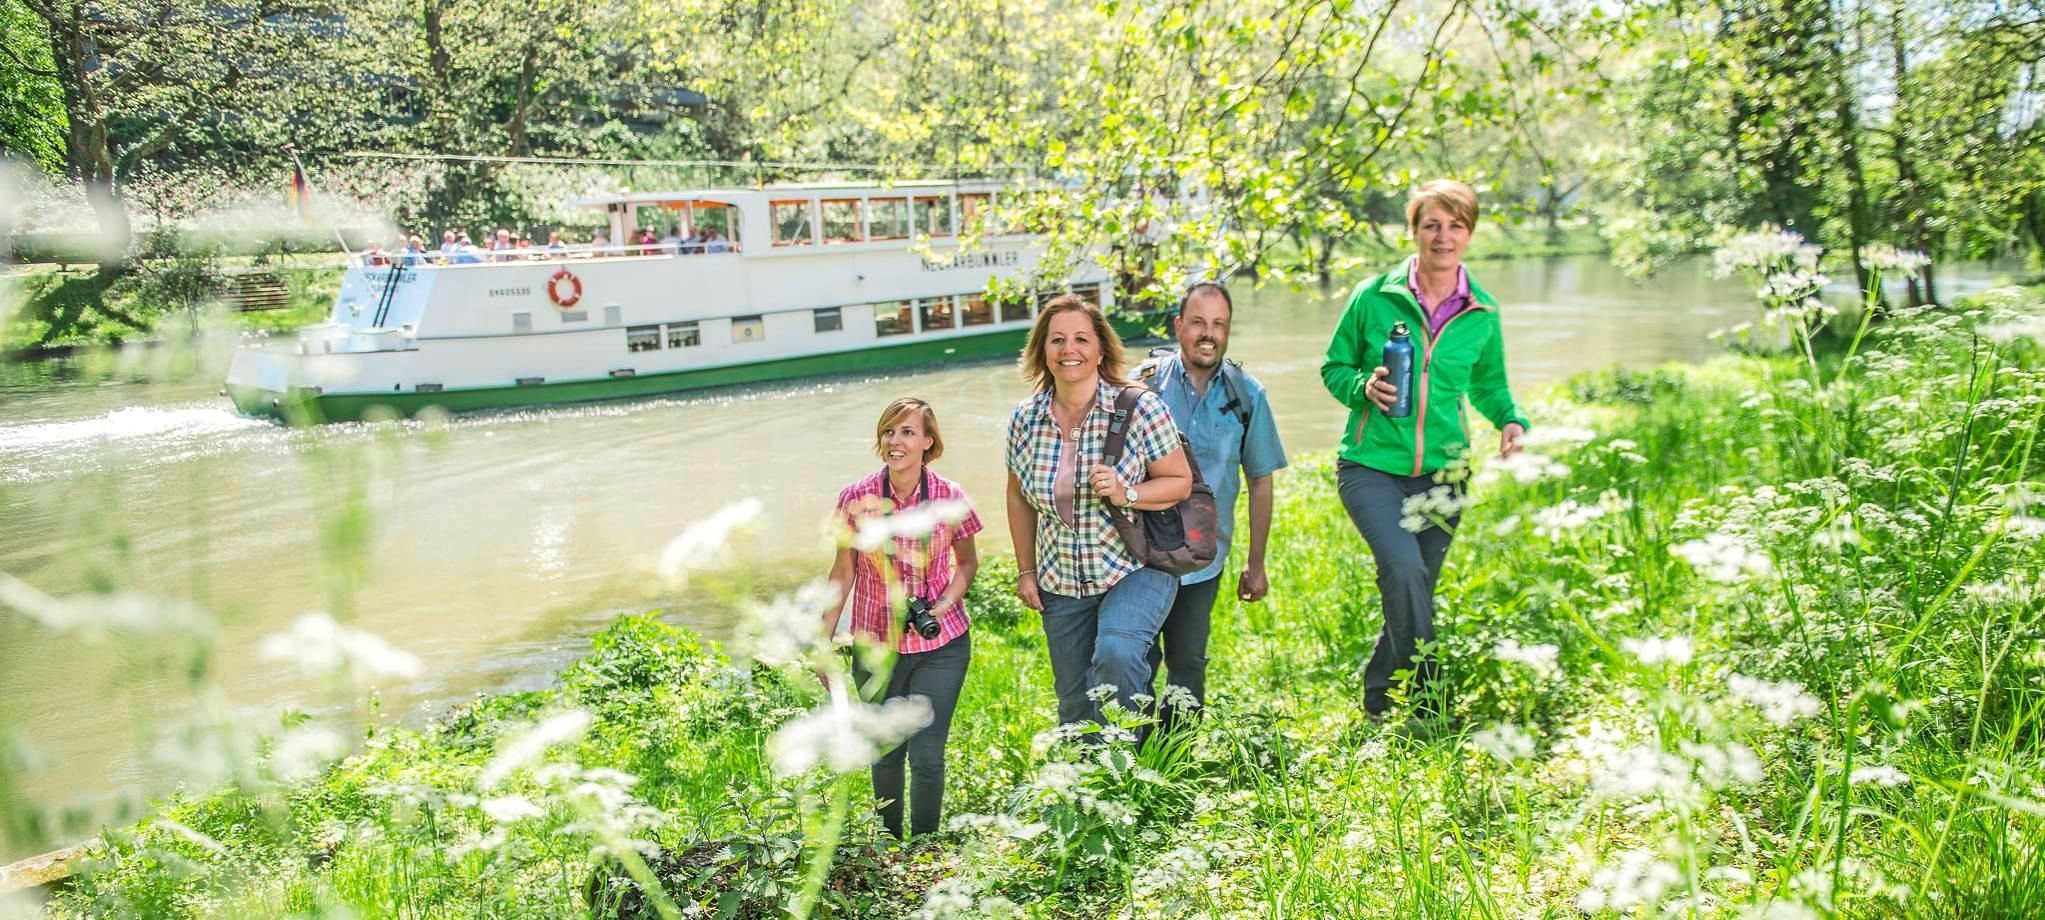 Mit dem Neckar-Ausflugsschiff geht es an den Pfingstfeiertagen auf Vier-Burgen-Tour. Foto: Touristikgemeinschaft HeilbronnerLand e.V./Jan Bürgermeister